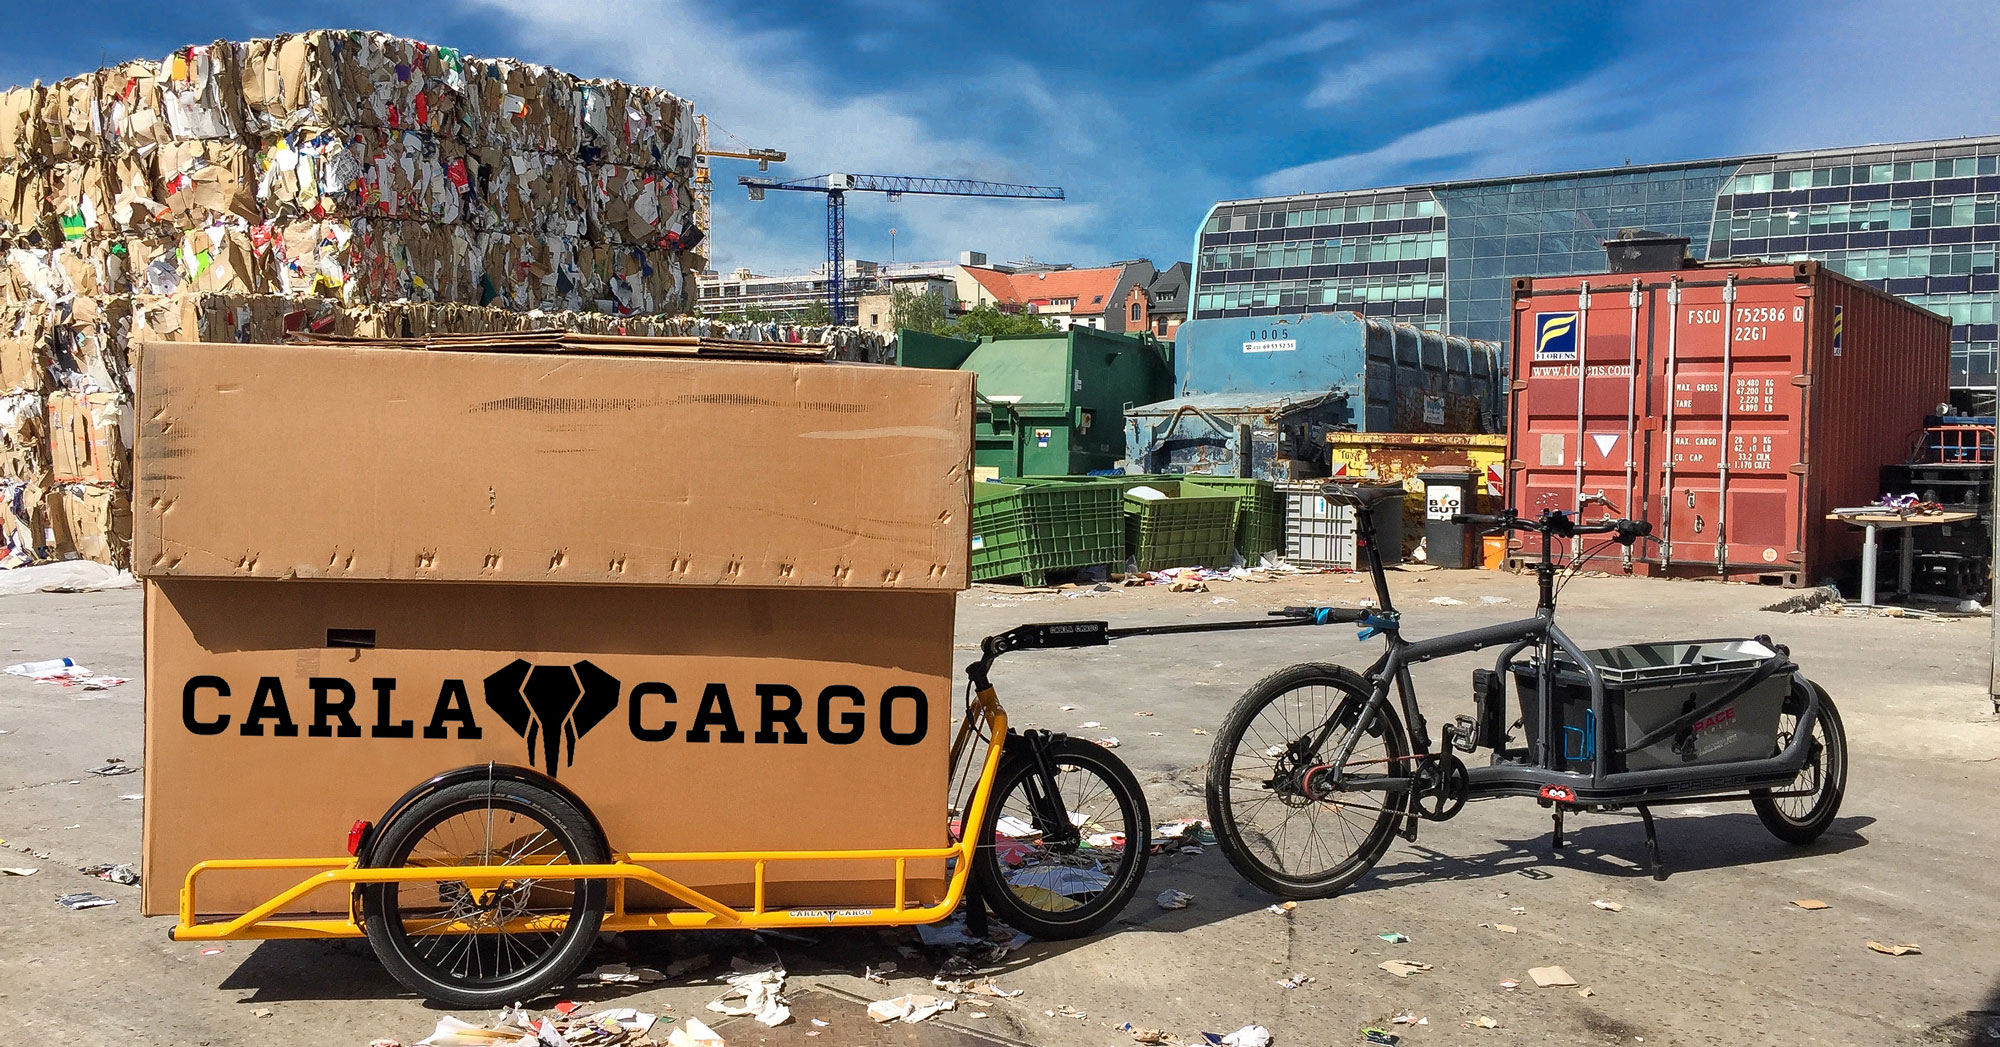 CARLA CARGO - Lastenanhänger | Velogut Berlin